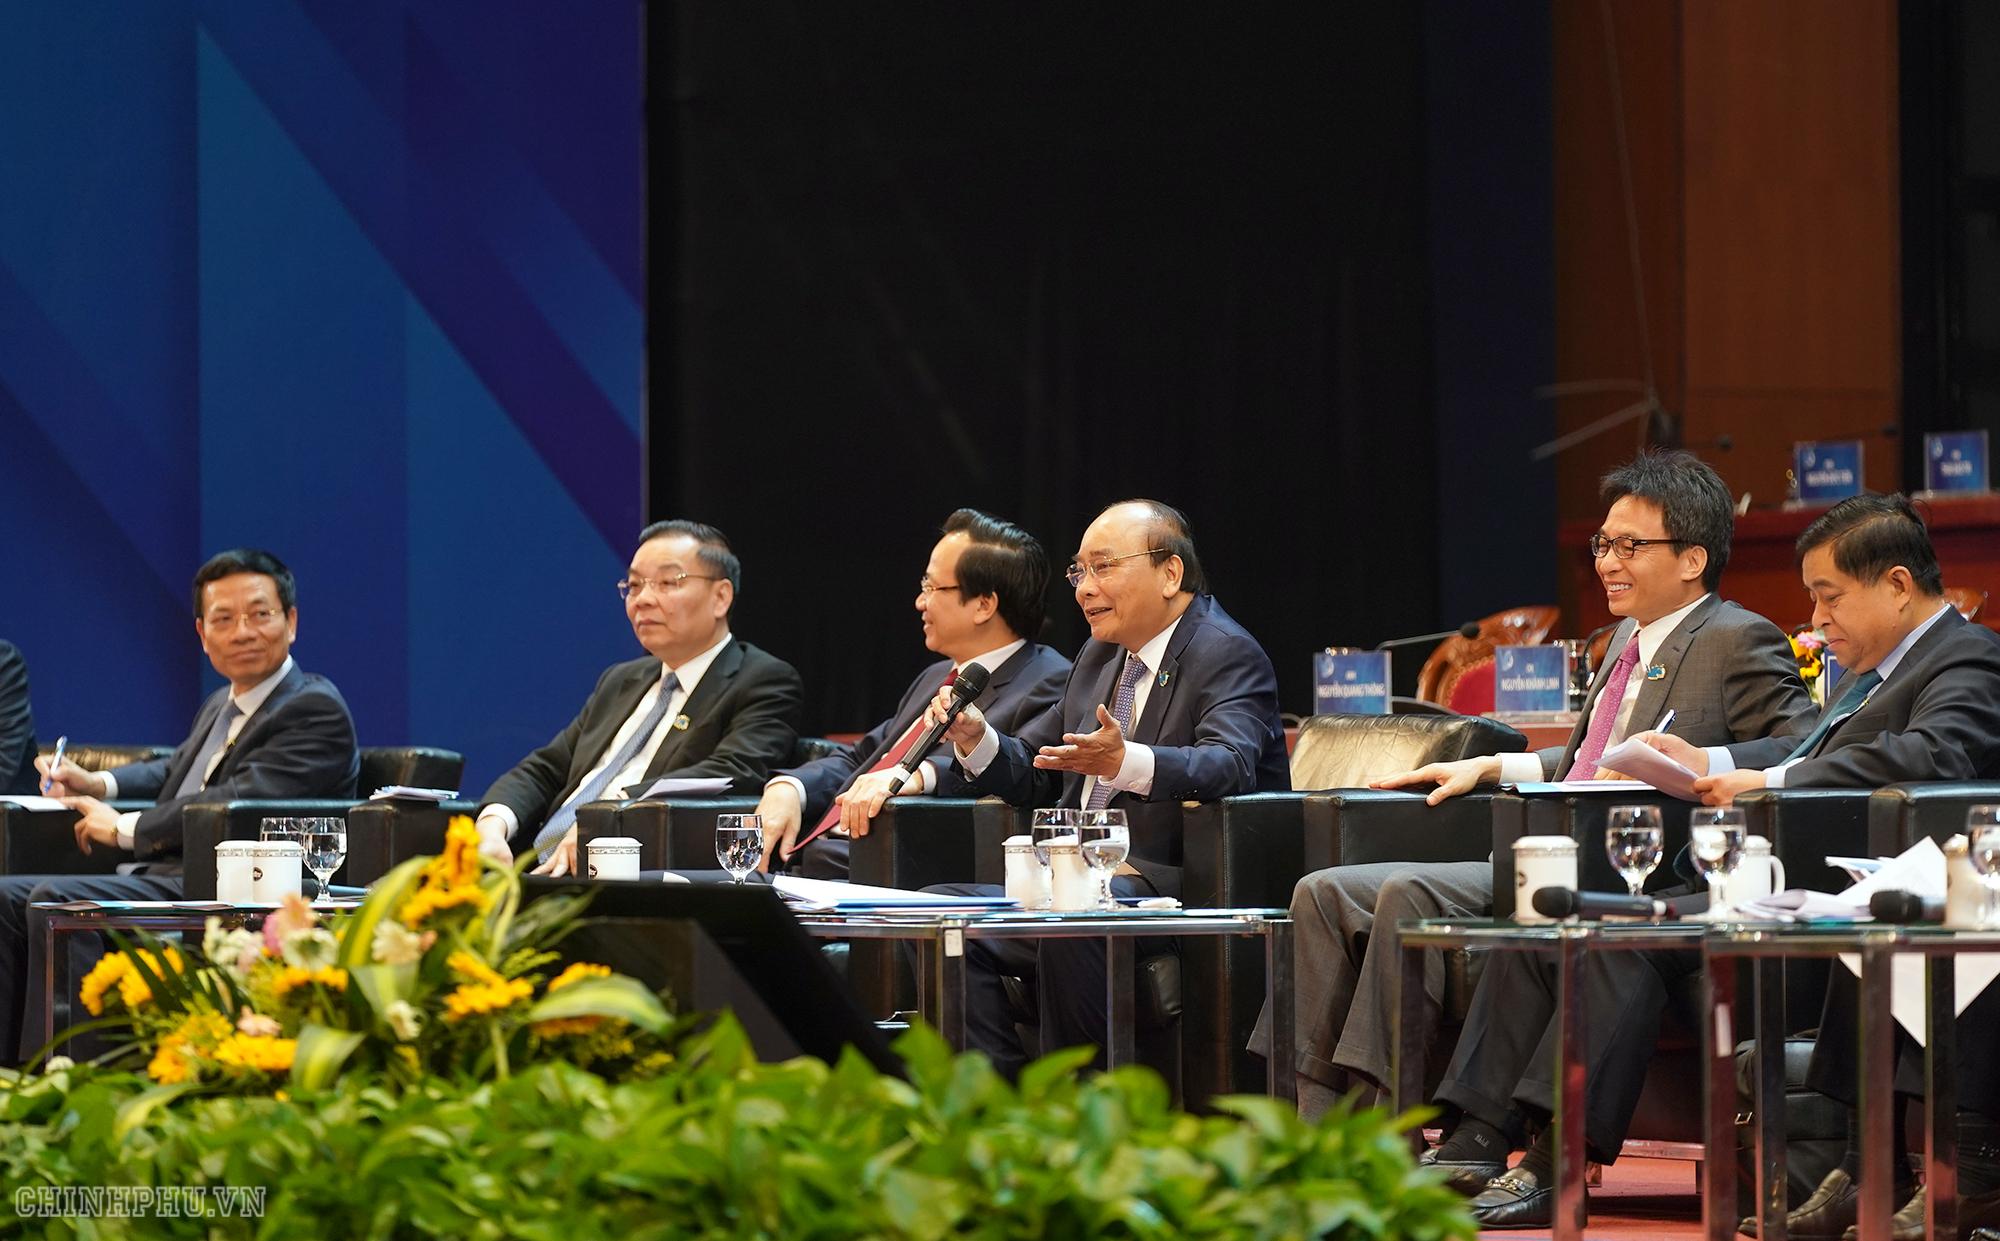 Thủ tướng Nguyễn Xuân Phúc và lãnh đạo Chính phủ, các bộ ngành đối thoại với thanh niên - Ảnh: VGP/Quang Hiếu